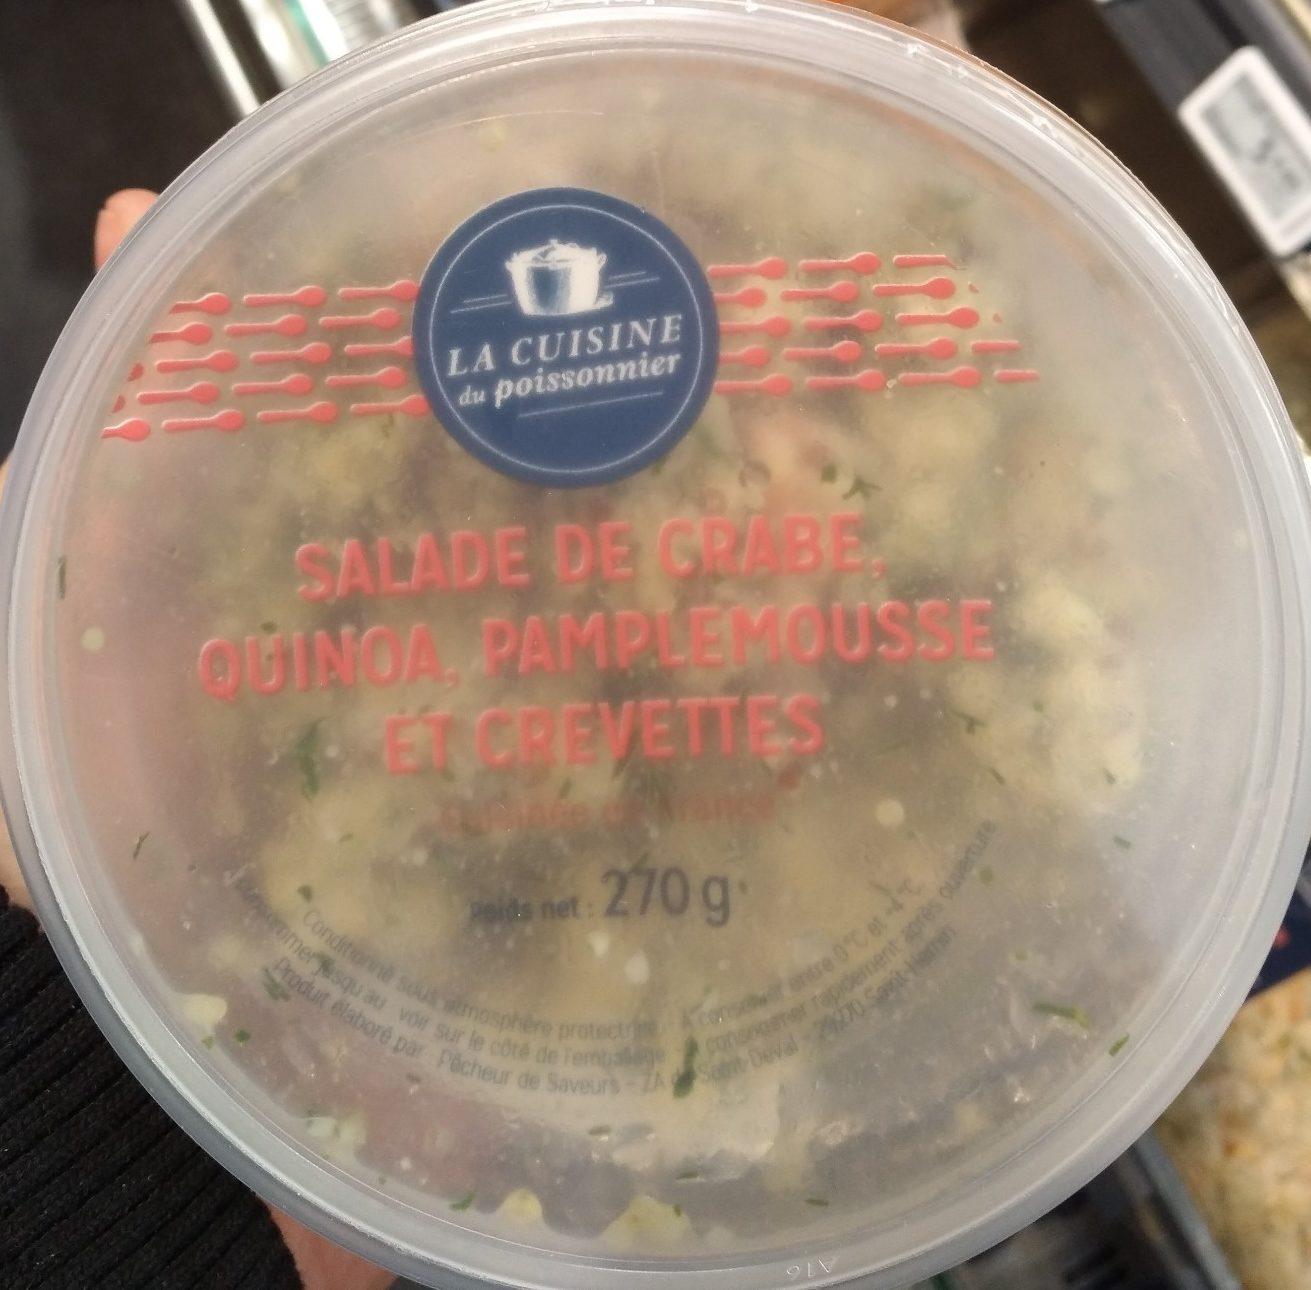 Salade de Crabe, Quinoa, Pamplemousse et Crevettes - Produit